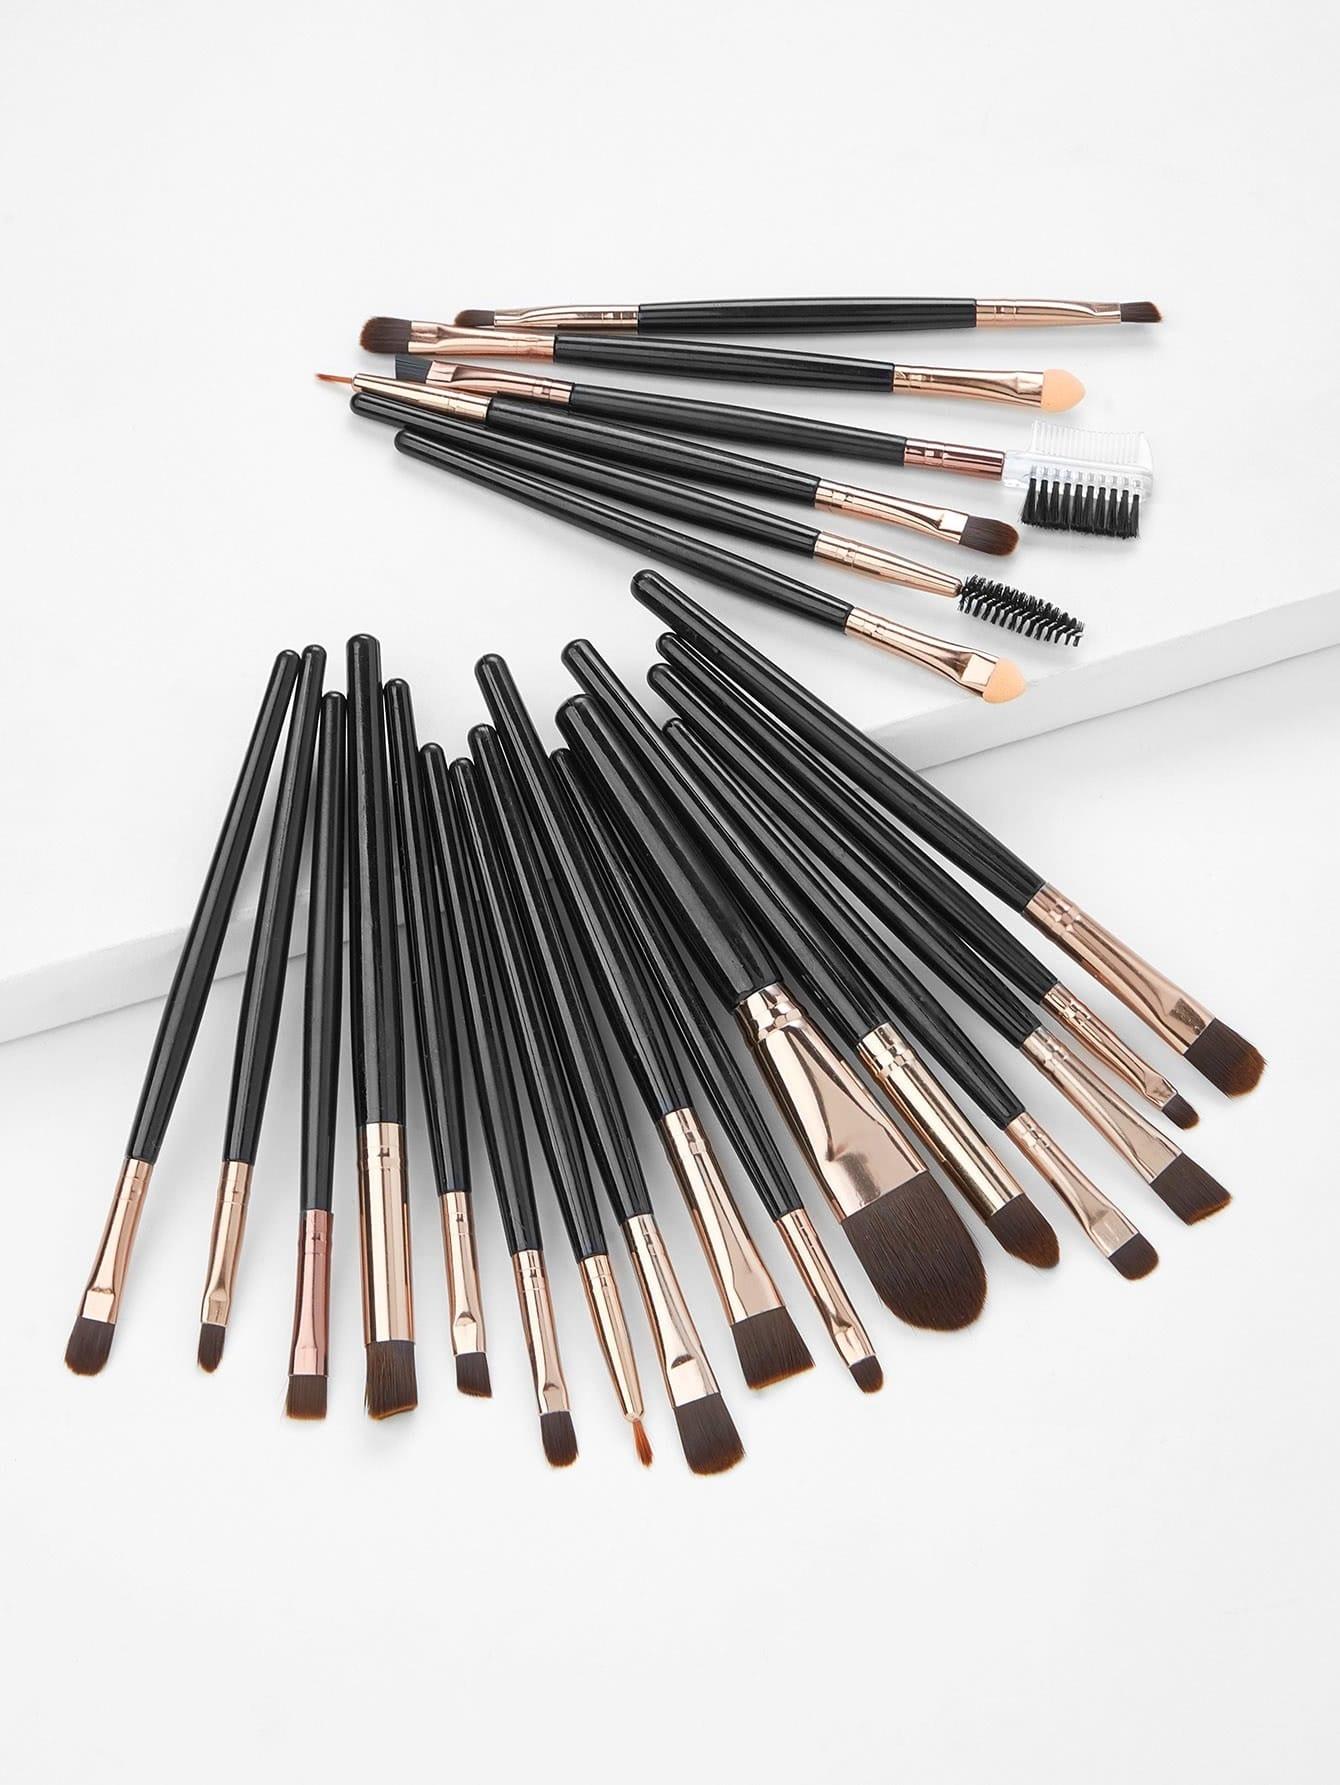 Professional Makeup Brush Set 22pcs